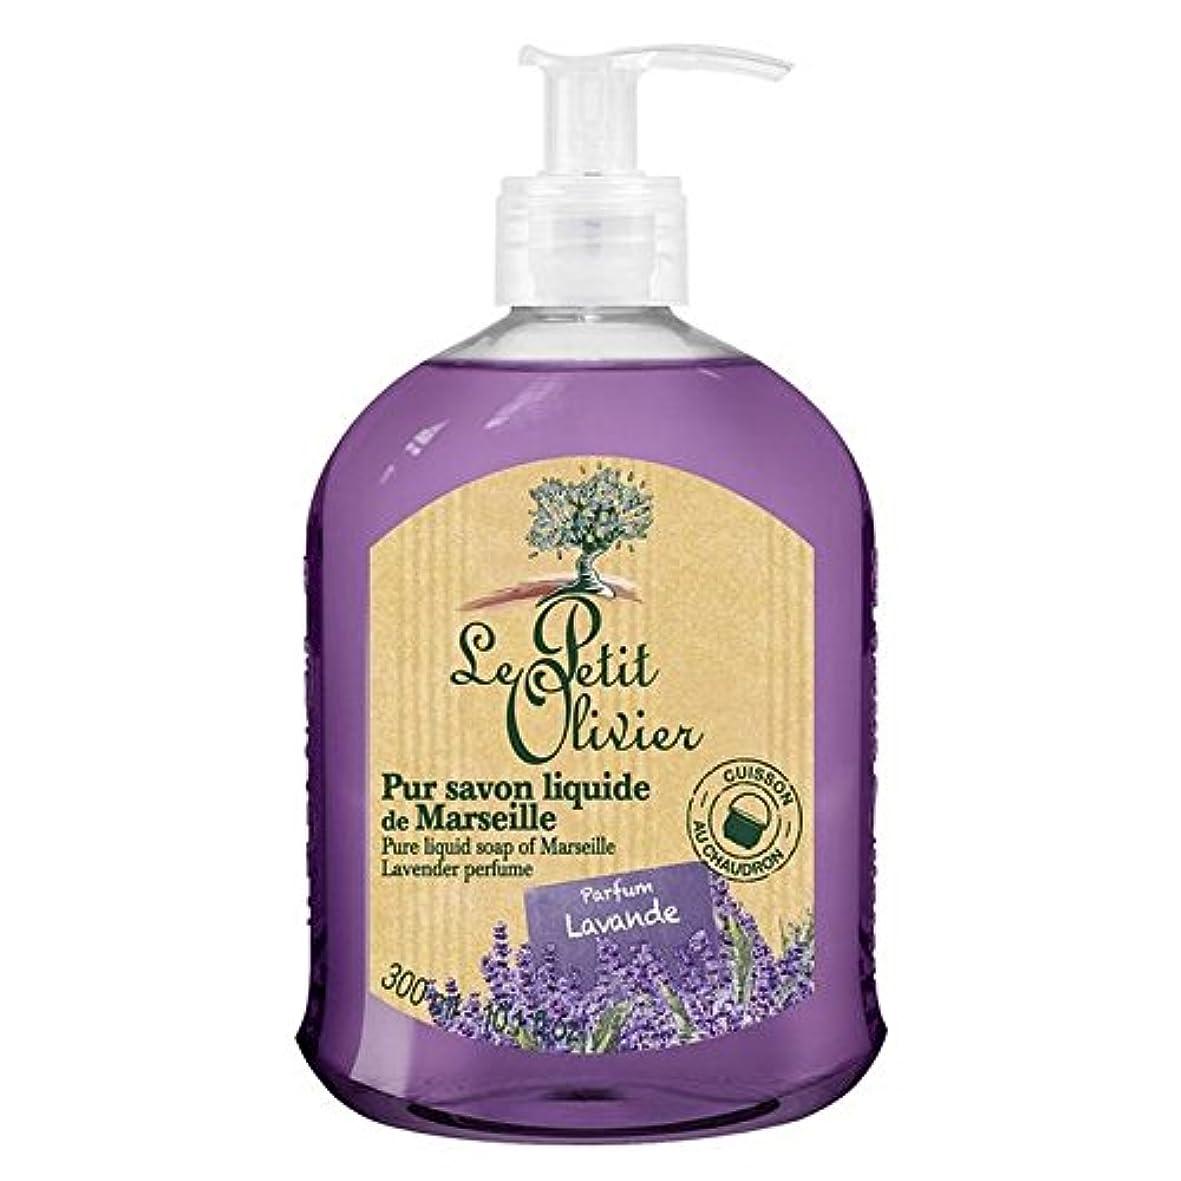 喜んでホステルパーティーマルセイユのル?プティ?オリヴィエ純粋な液体石鹸、ラベンダー300ミリリットル x2 - Le Petit Olivier Pure Liquid Soap of Marseille, Lavender 300ml (Pack...